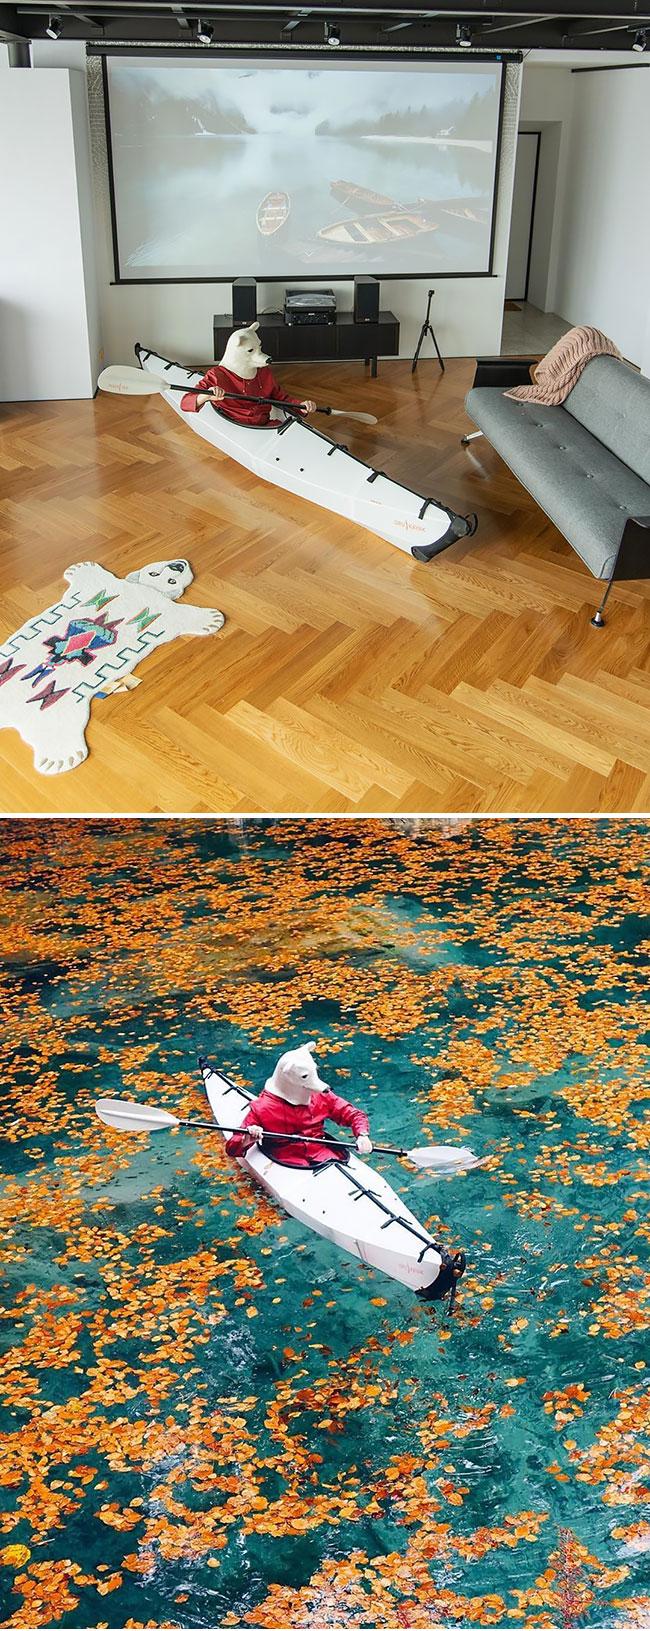 en cuarentena Elnar Mansurov repitió fotos de sus viajes en su departamento  (5)